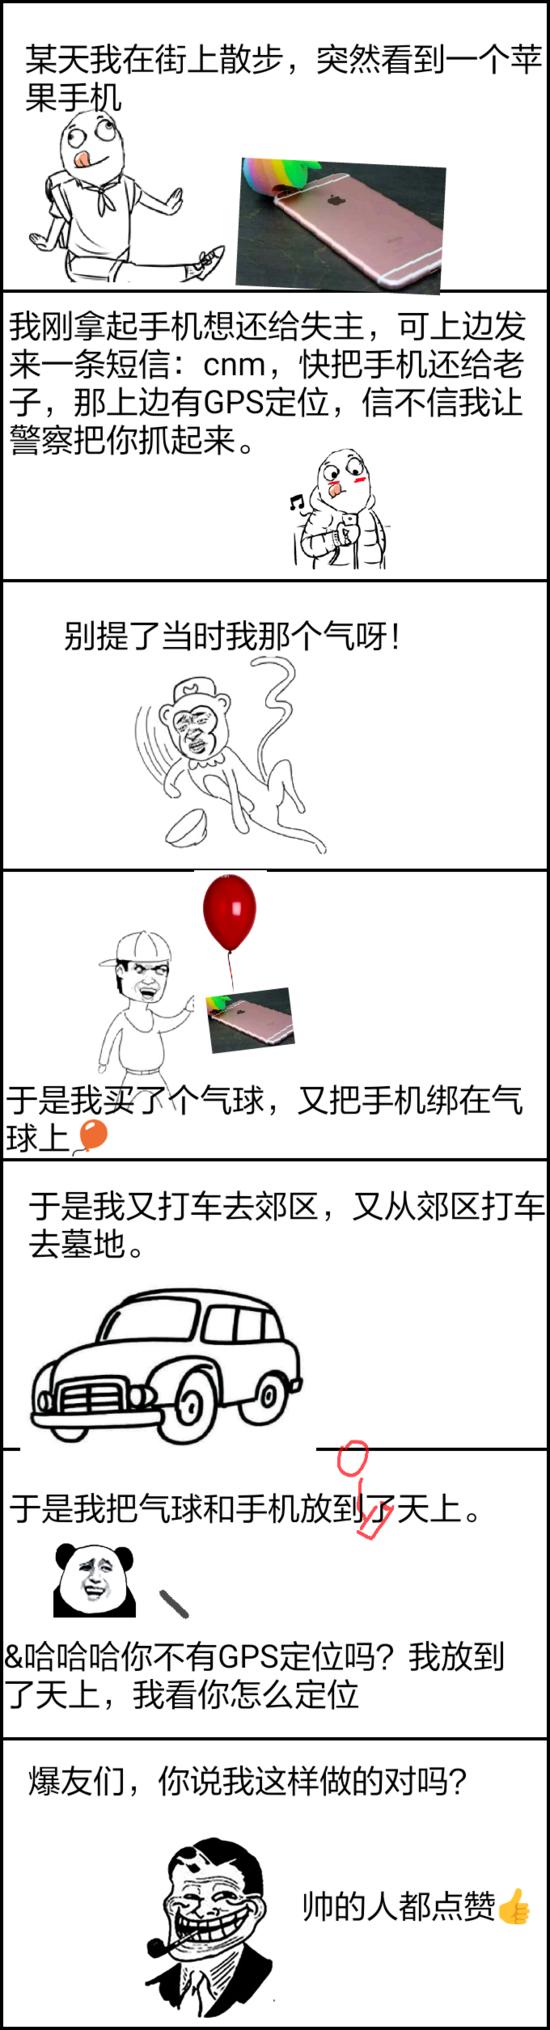 放飞气球和手机